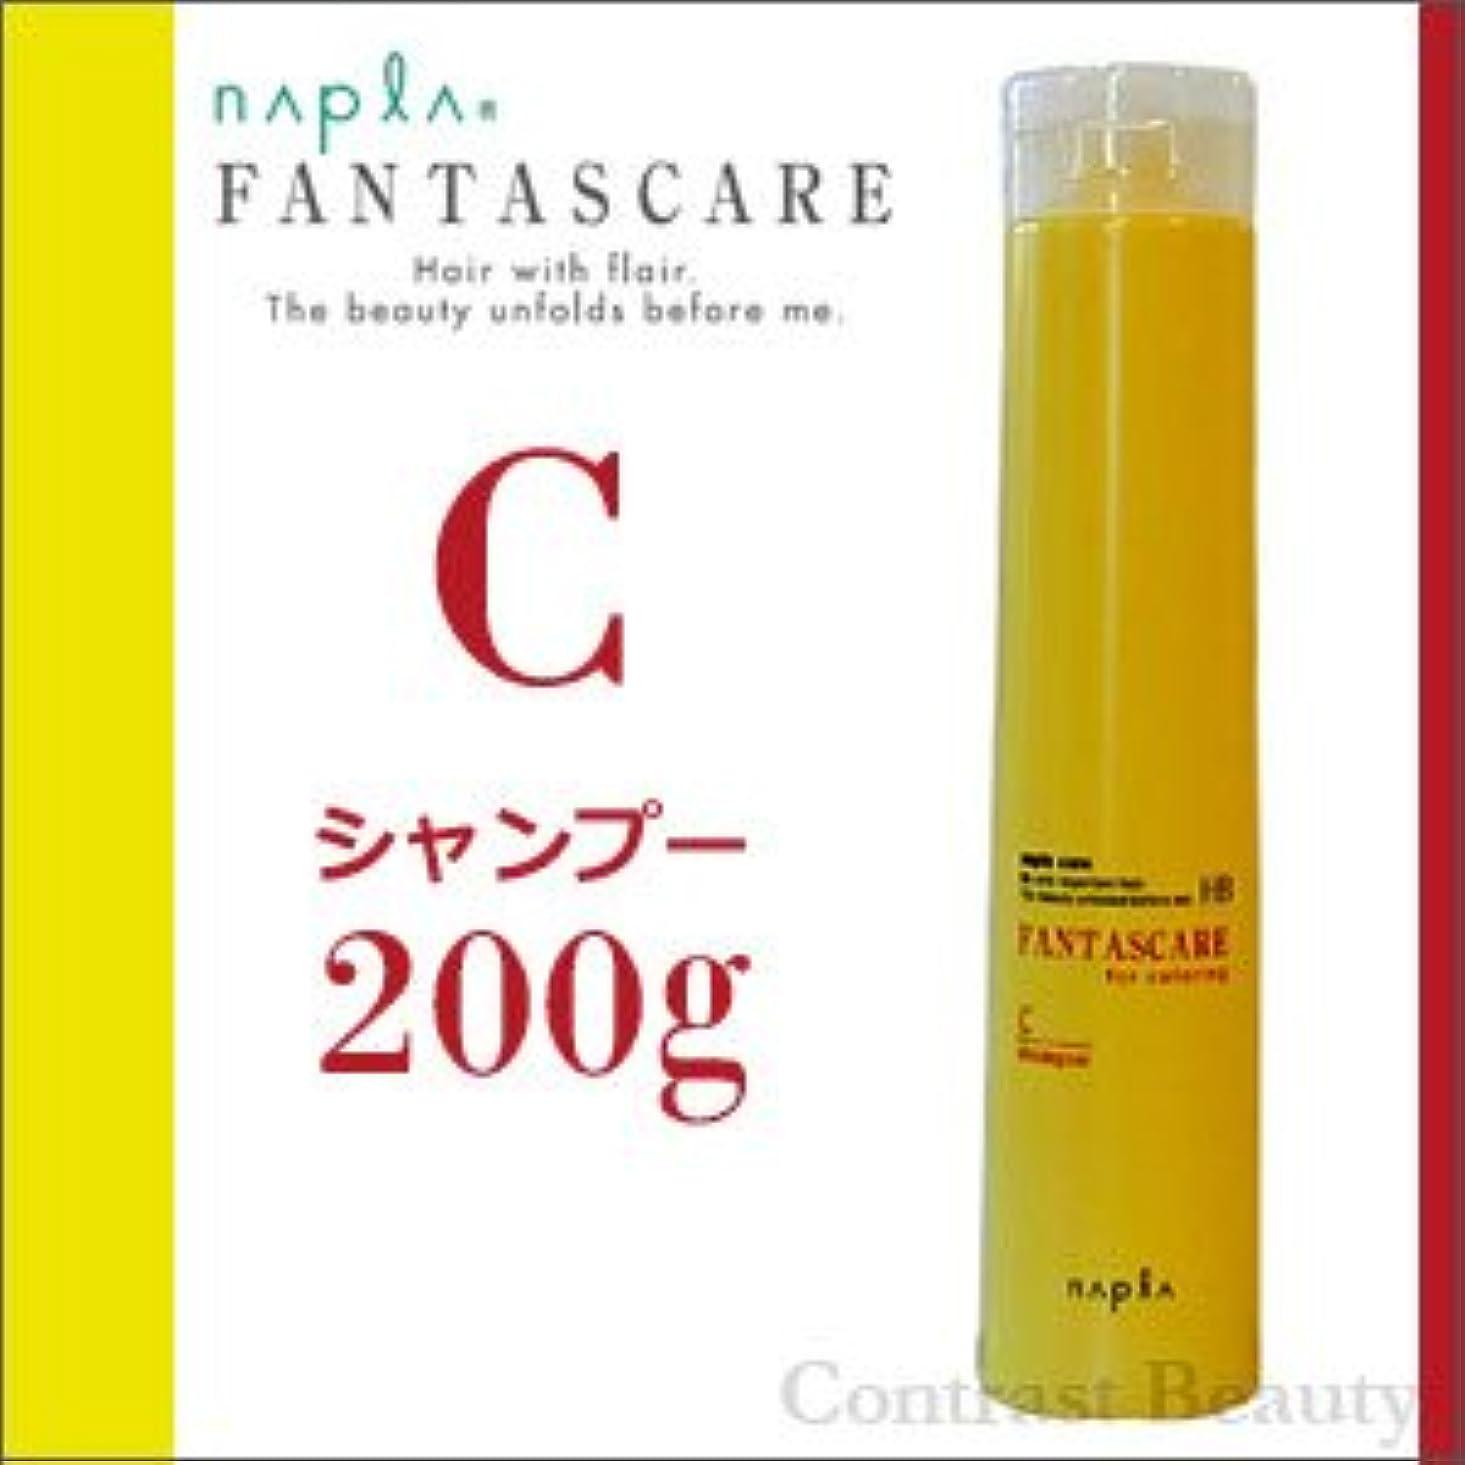 遺伝的訪問かまど【X3個セット】 ナプラ ファンタスケア Cシャンプー 200g napla